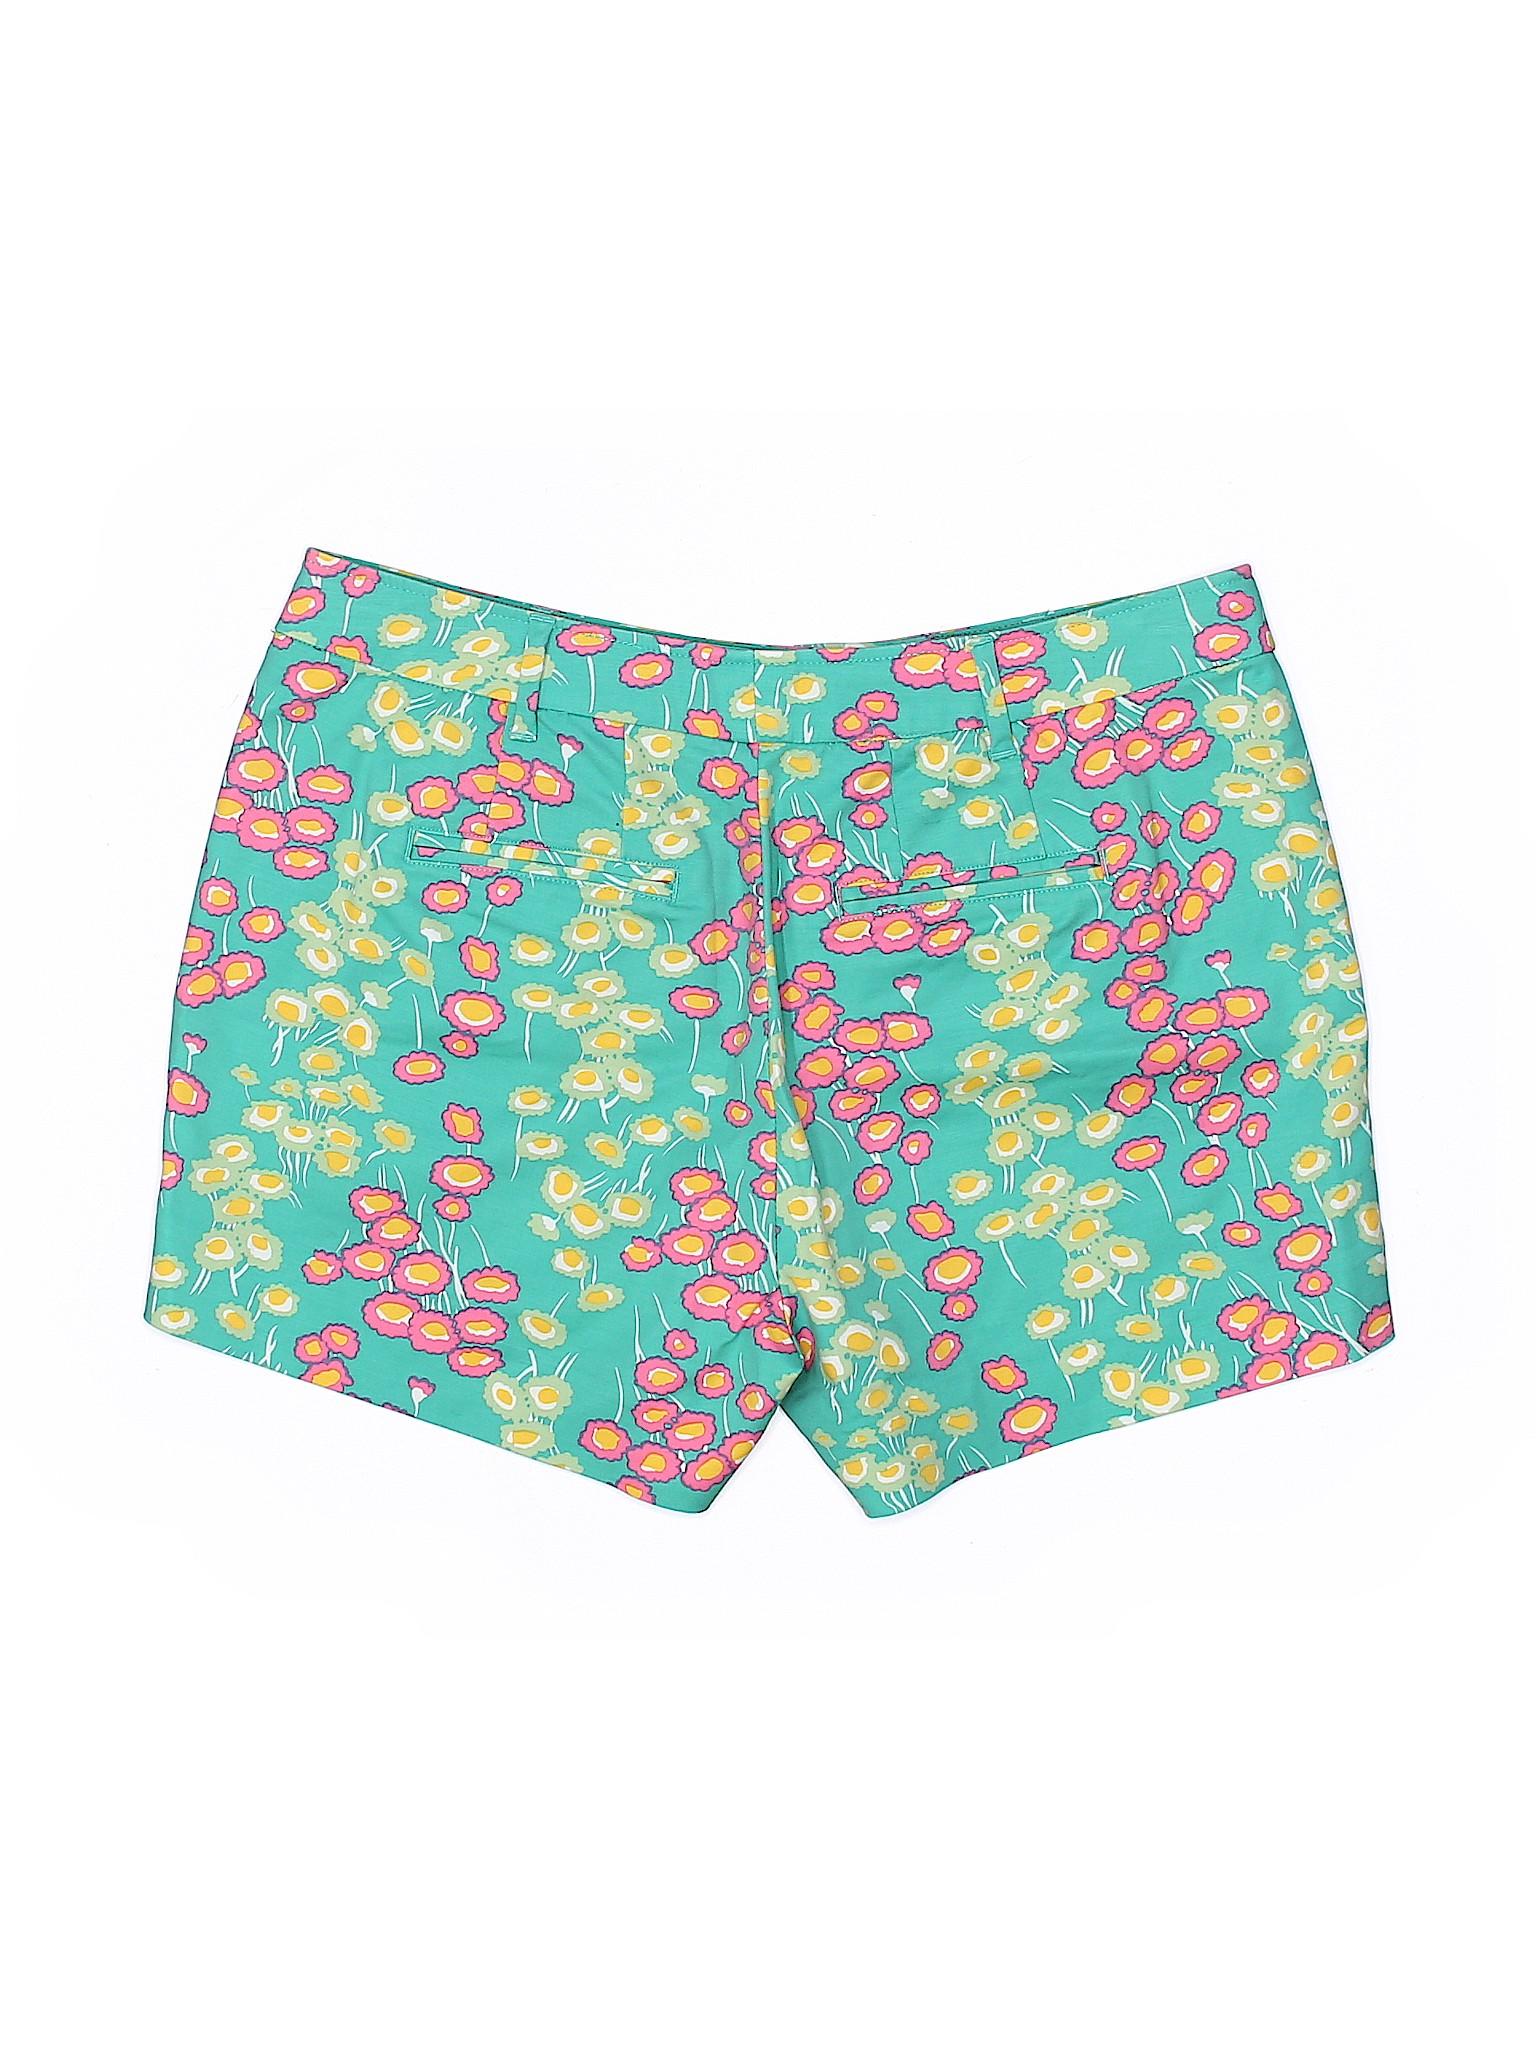 Boutique Khaki Shorts Shorts Boutique Boutique Boden Boden Khaki Boden BB1wax6